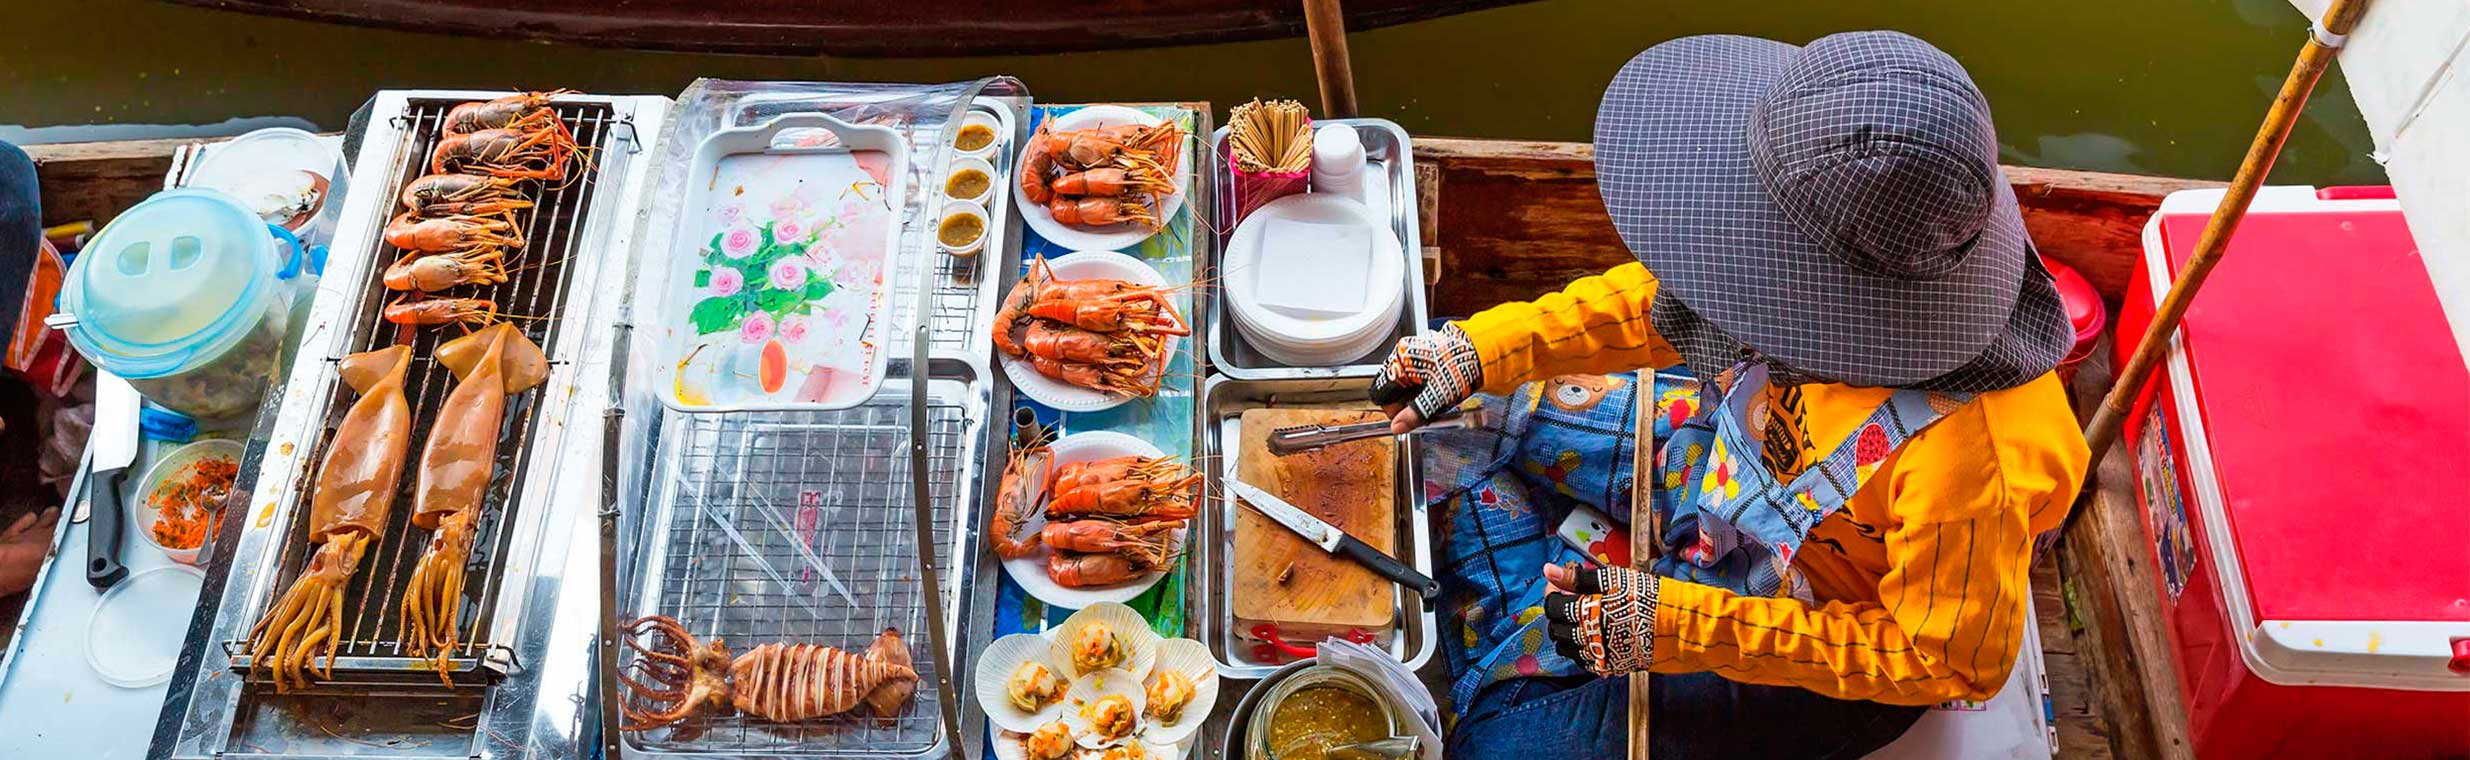 Mercado flotante en Asia